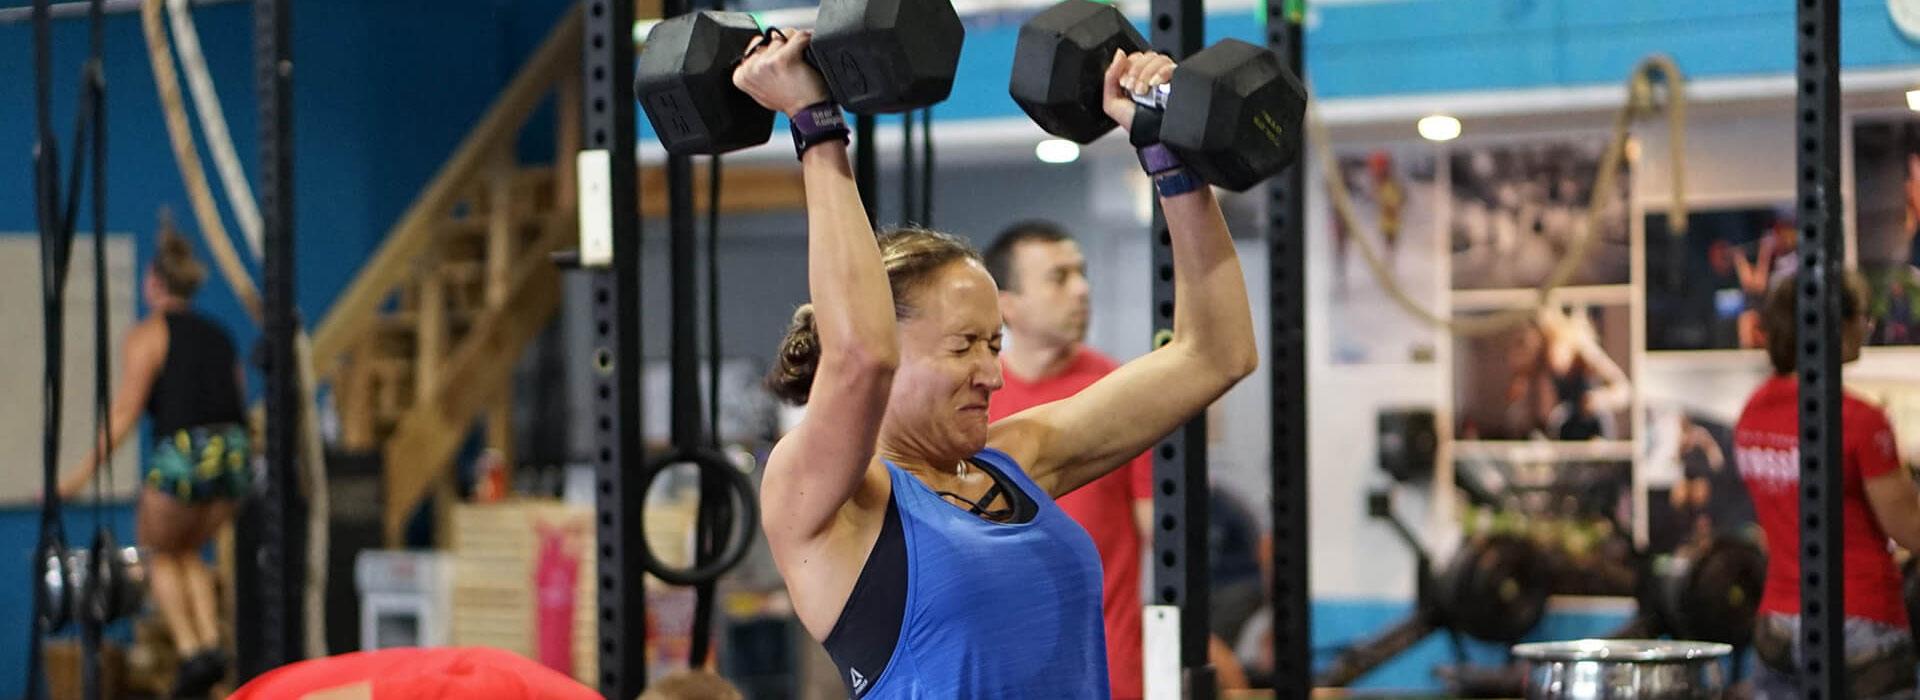 CrossFit Gym in Odessa FL, CrossFit Gym near Odessa FL, CrossFit Gym near Tampa FL